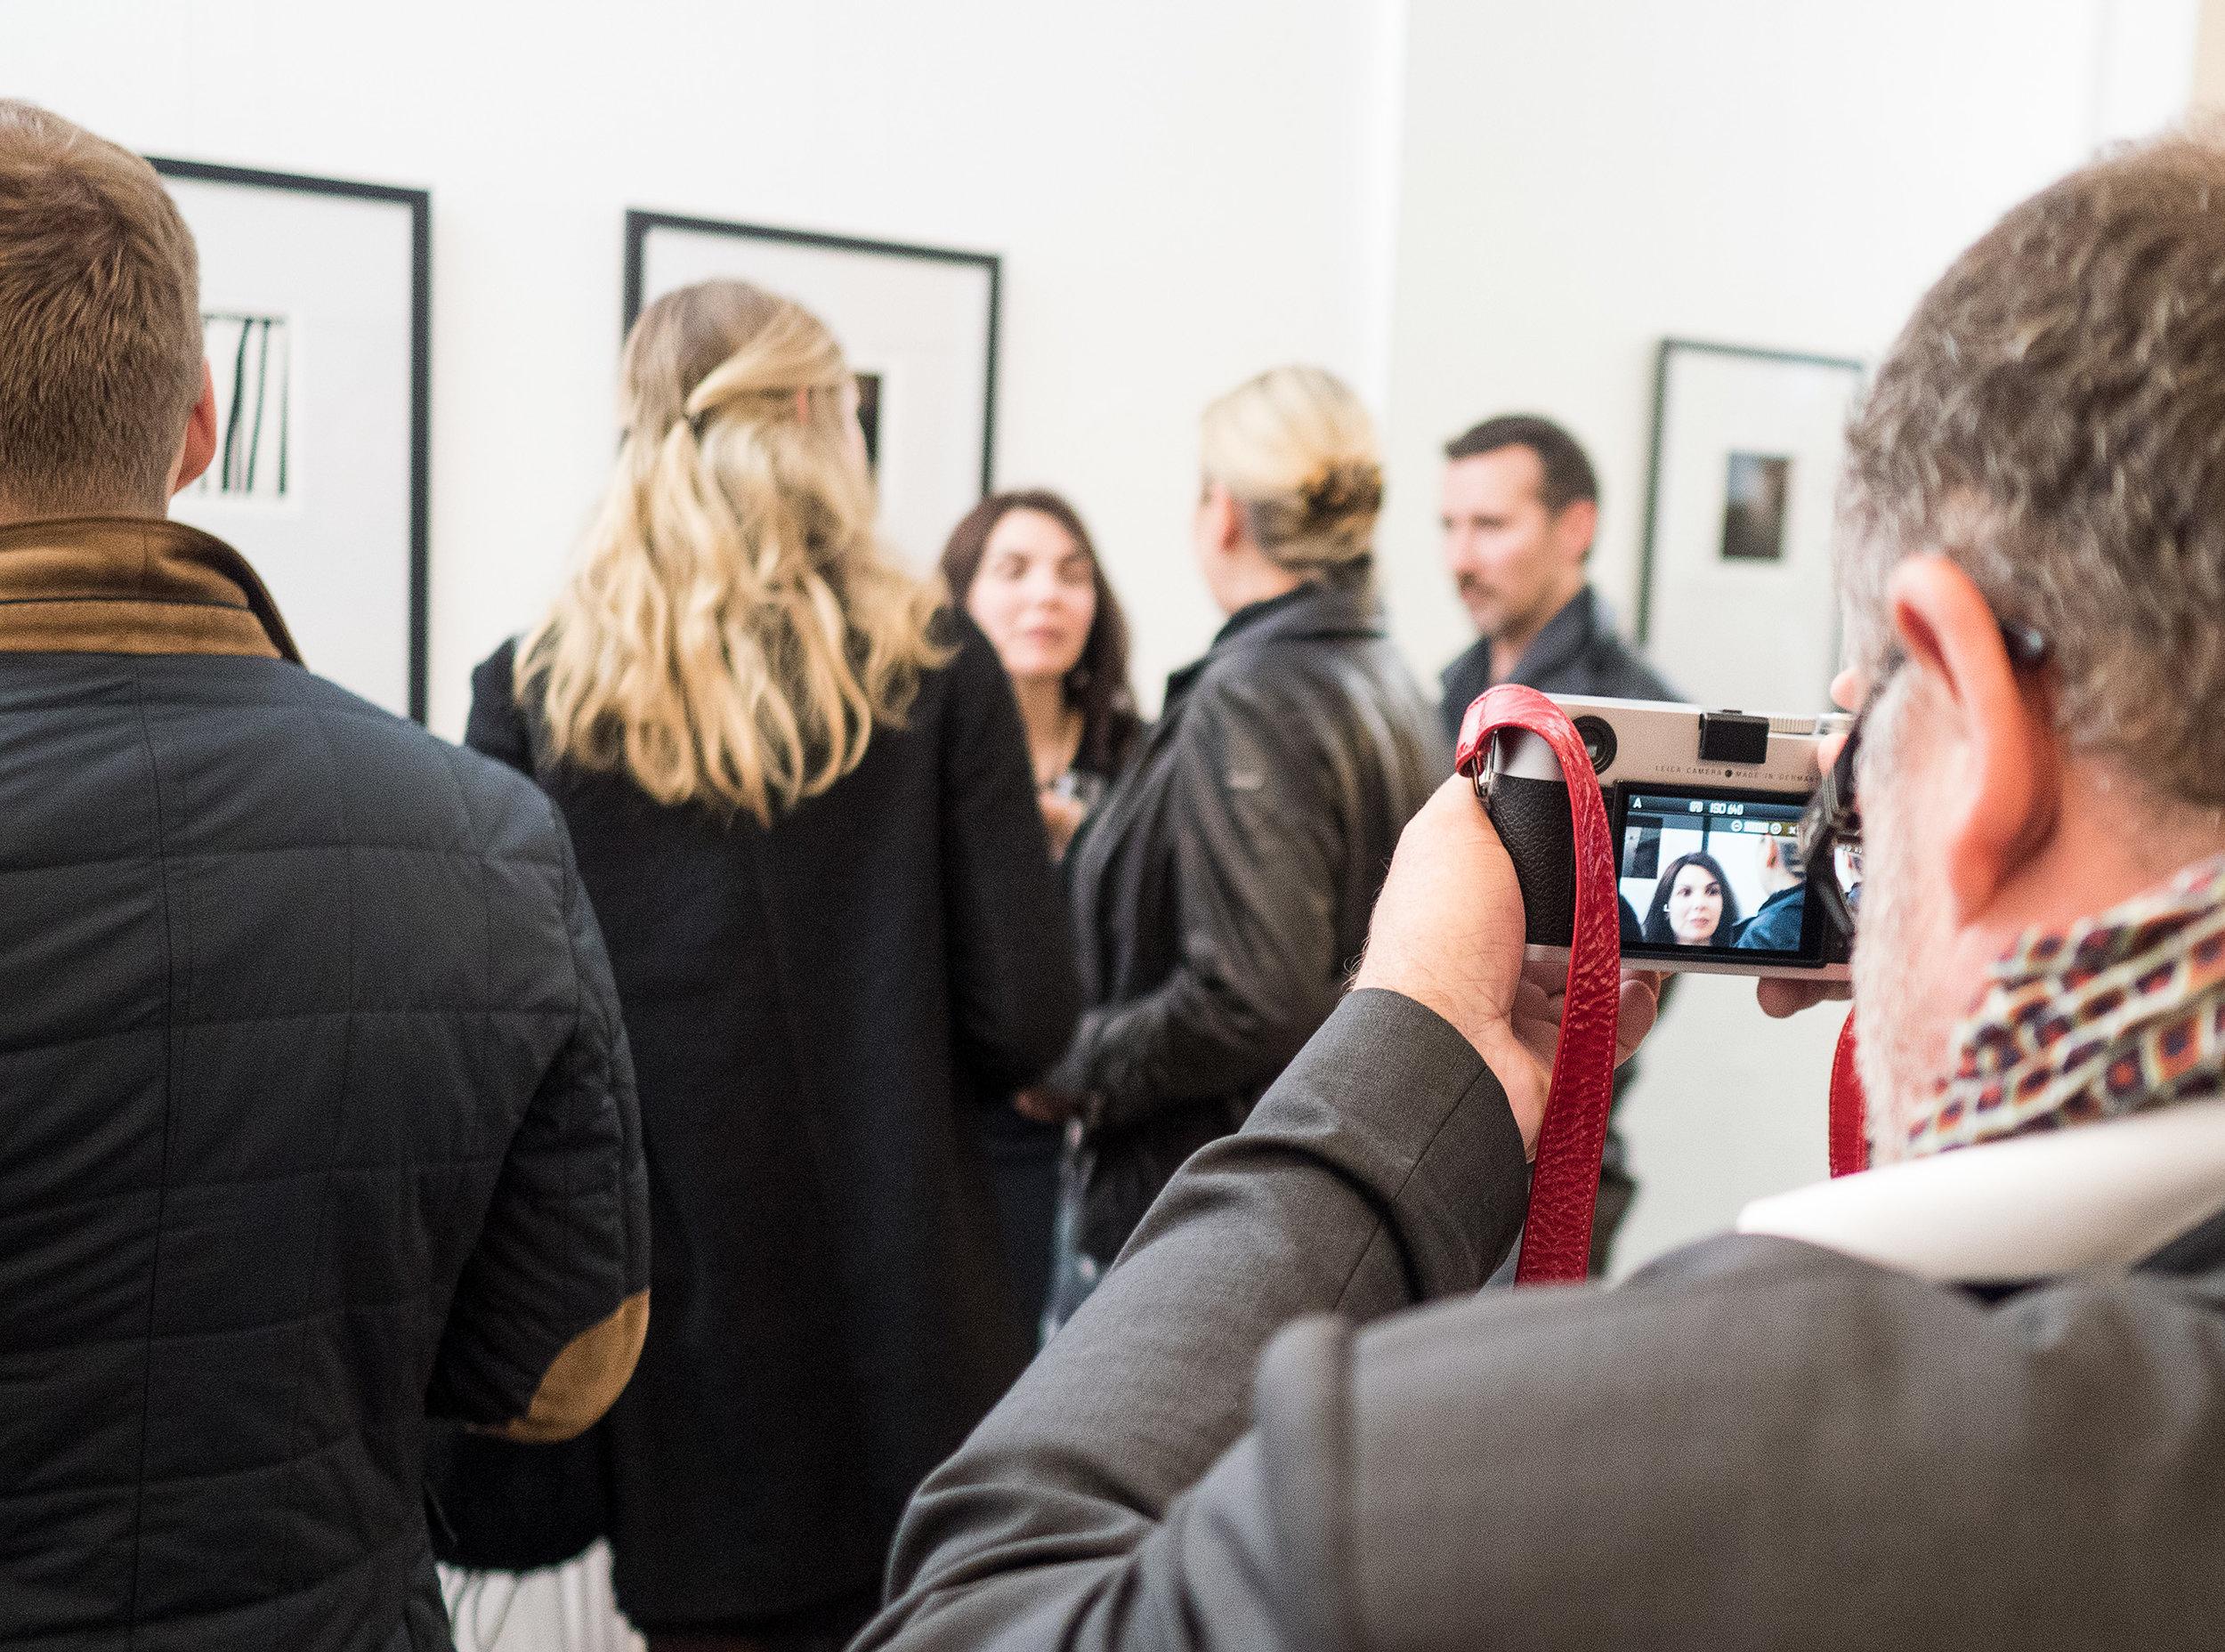 Galerie_LIK_deAngelis001.jpg